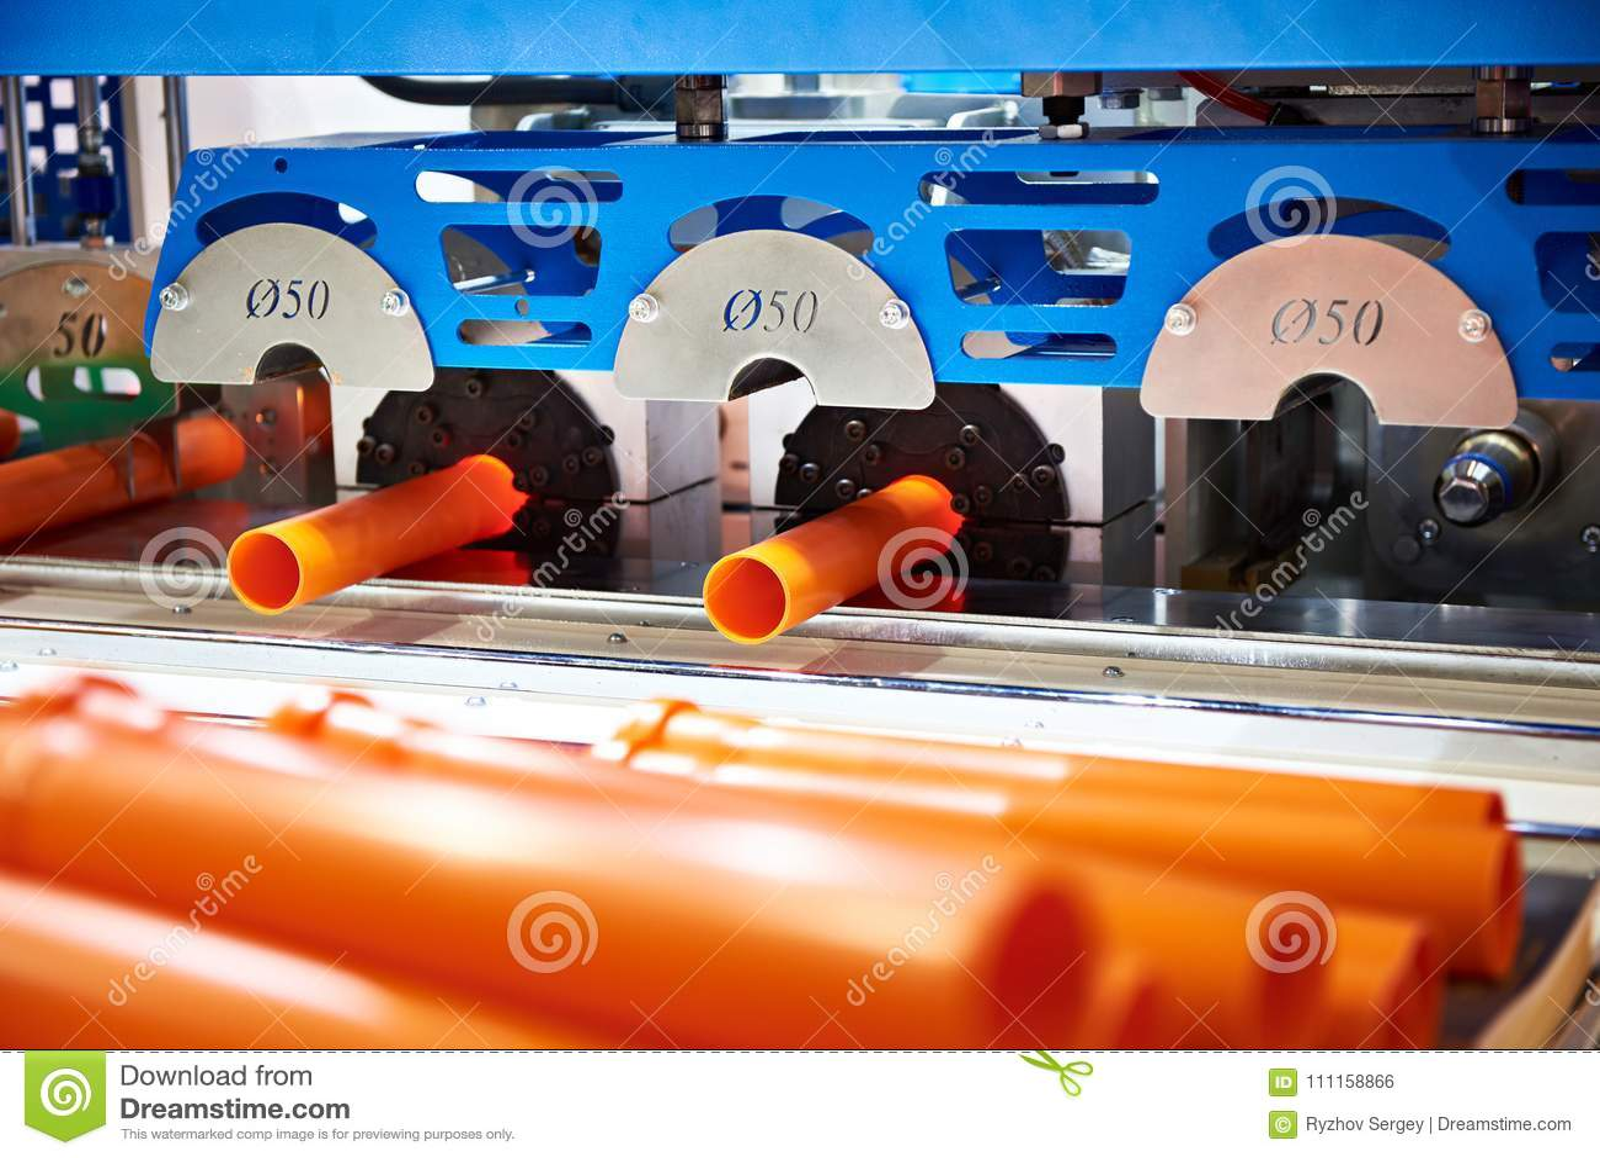 Máquina para a produção de tubulações plásticas